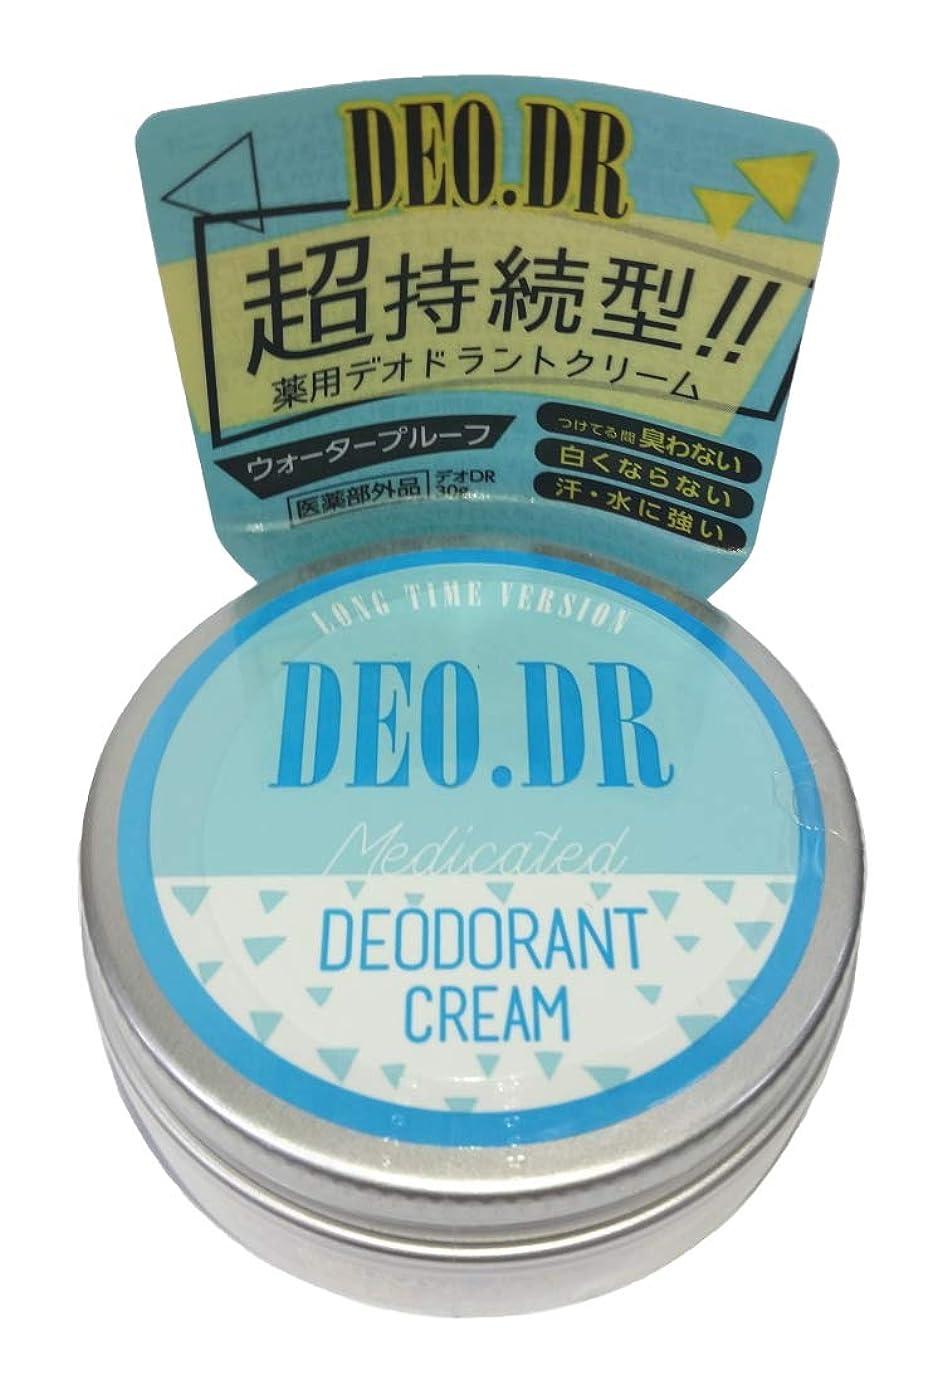 穏やかな周辺ママデオDR (DEO.DR) 薬用クリーム 【医薬部外品】